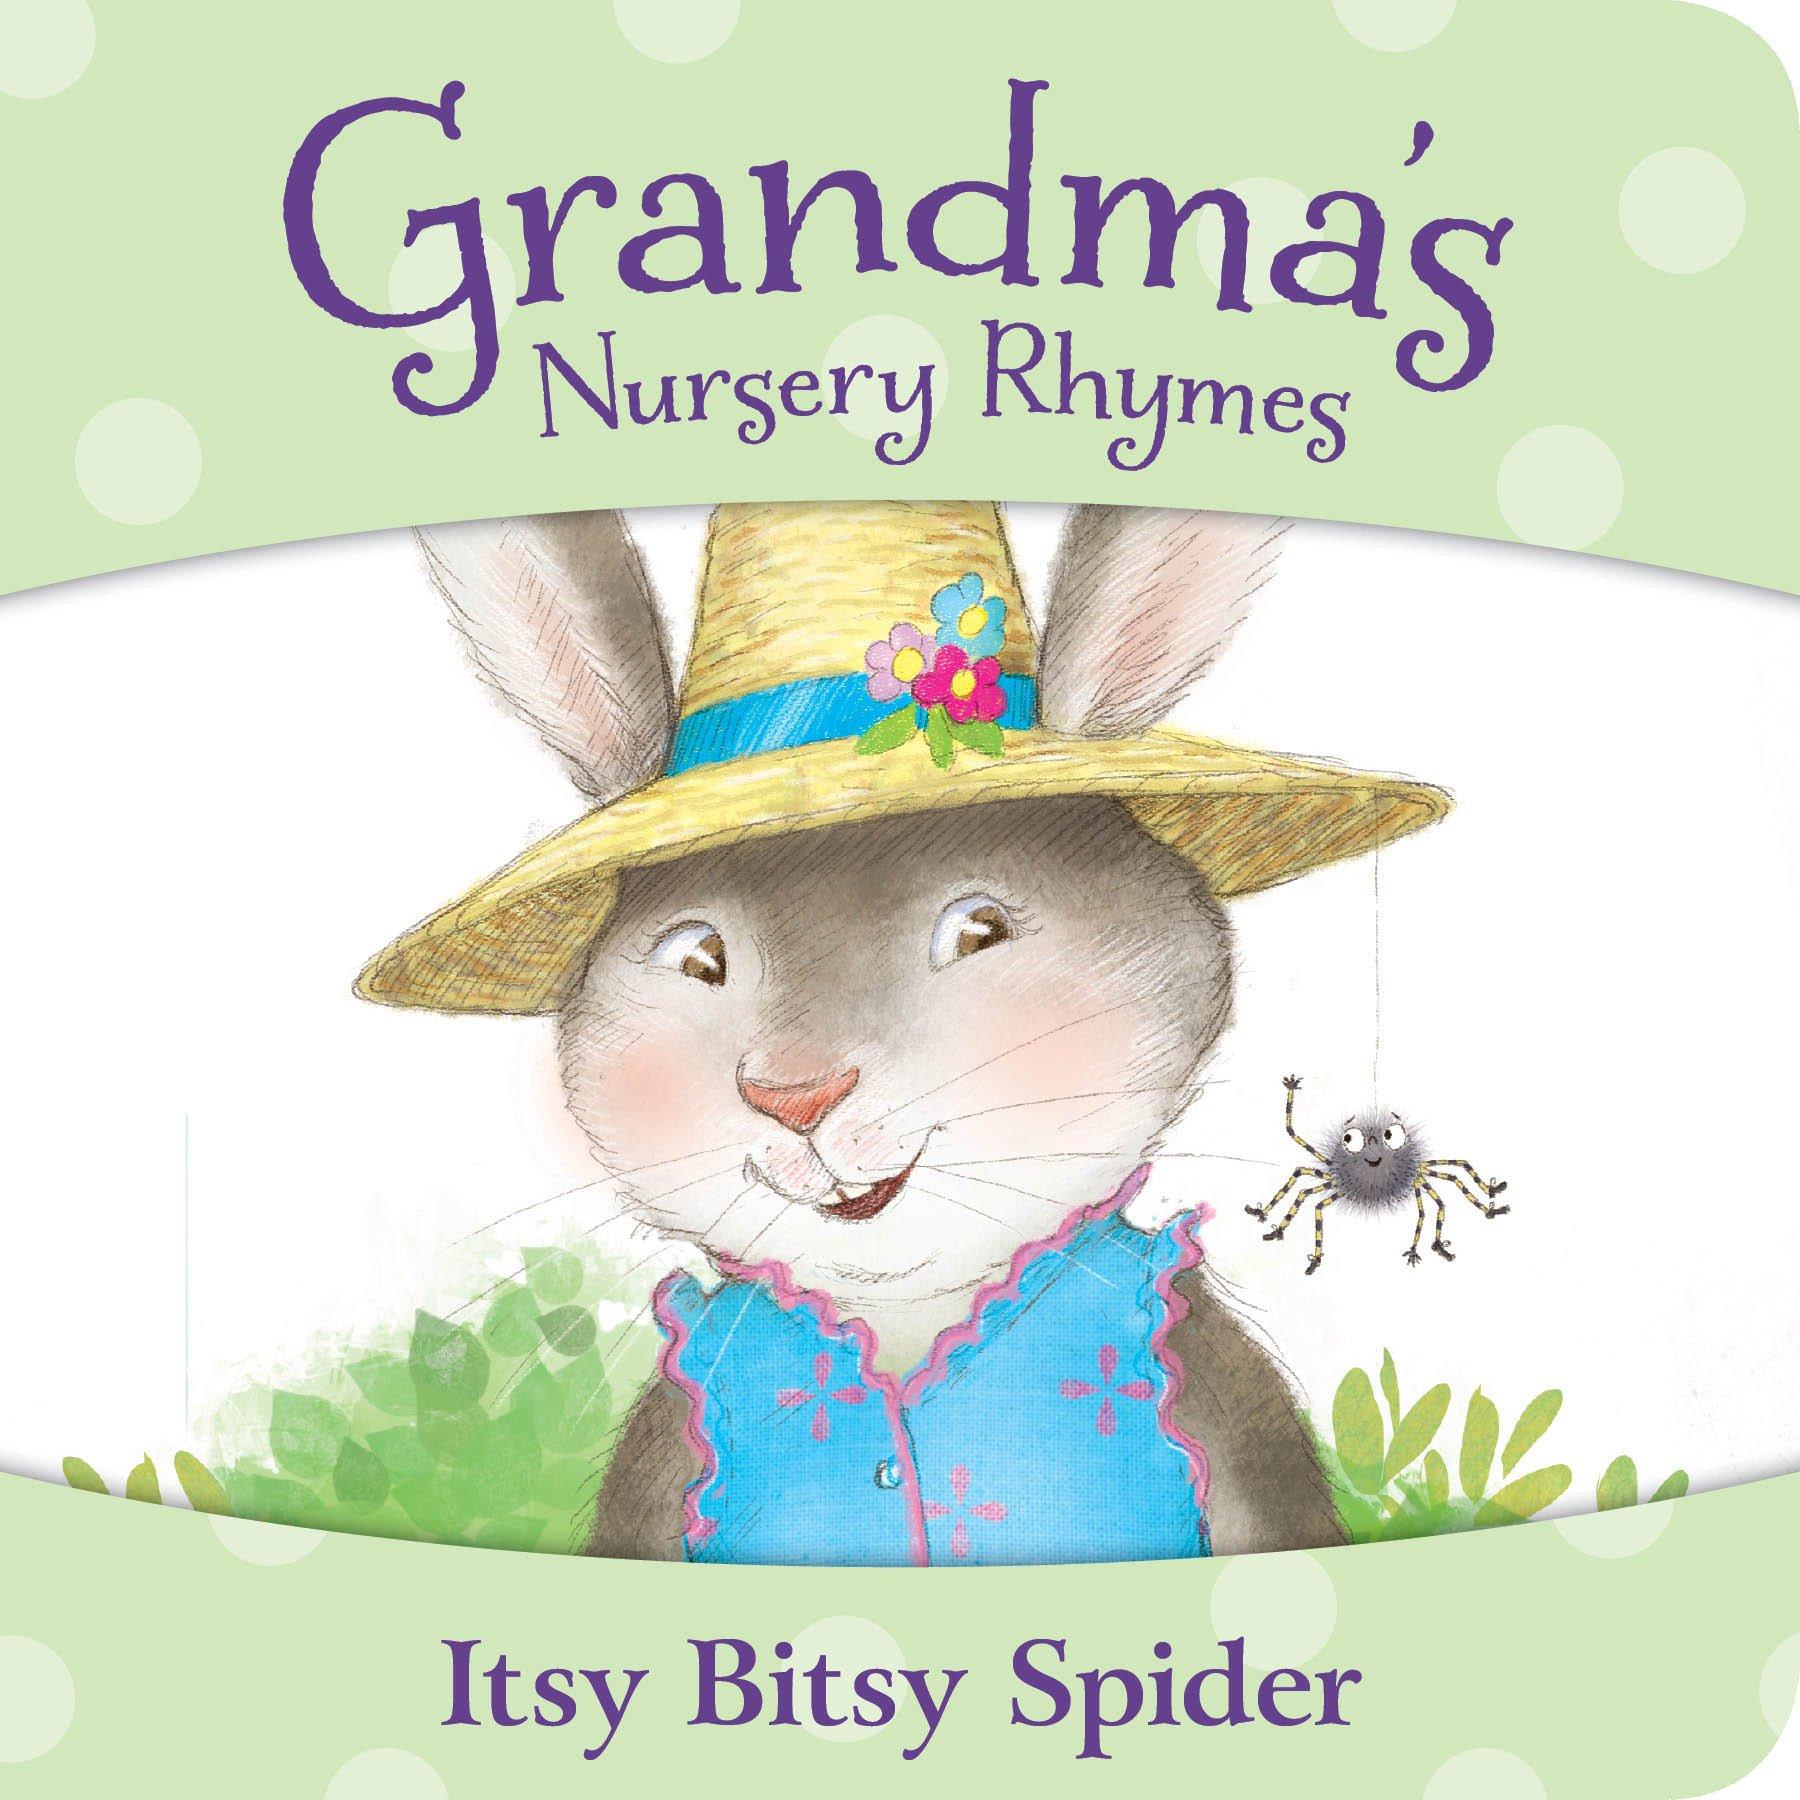 Itsy Bitsy Spider (Grandma's Nursery Rhymes)